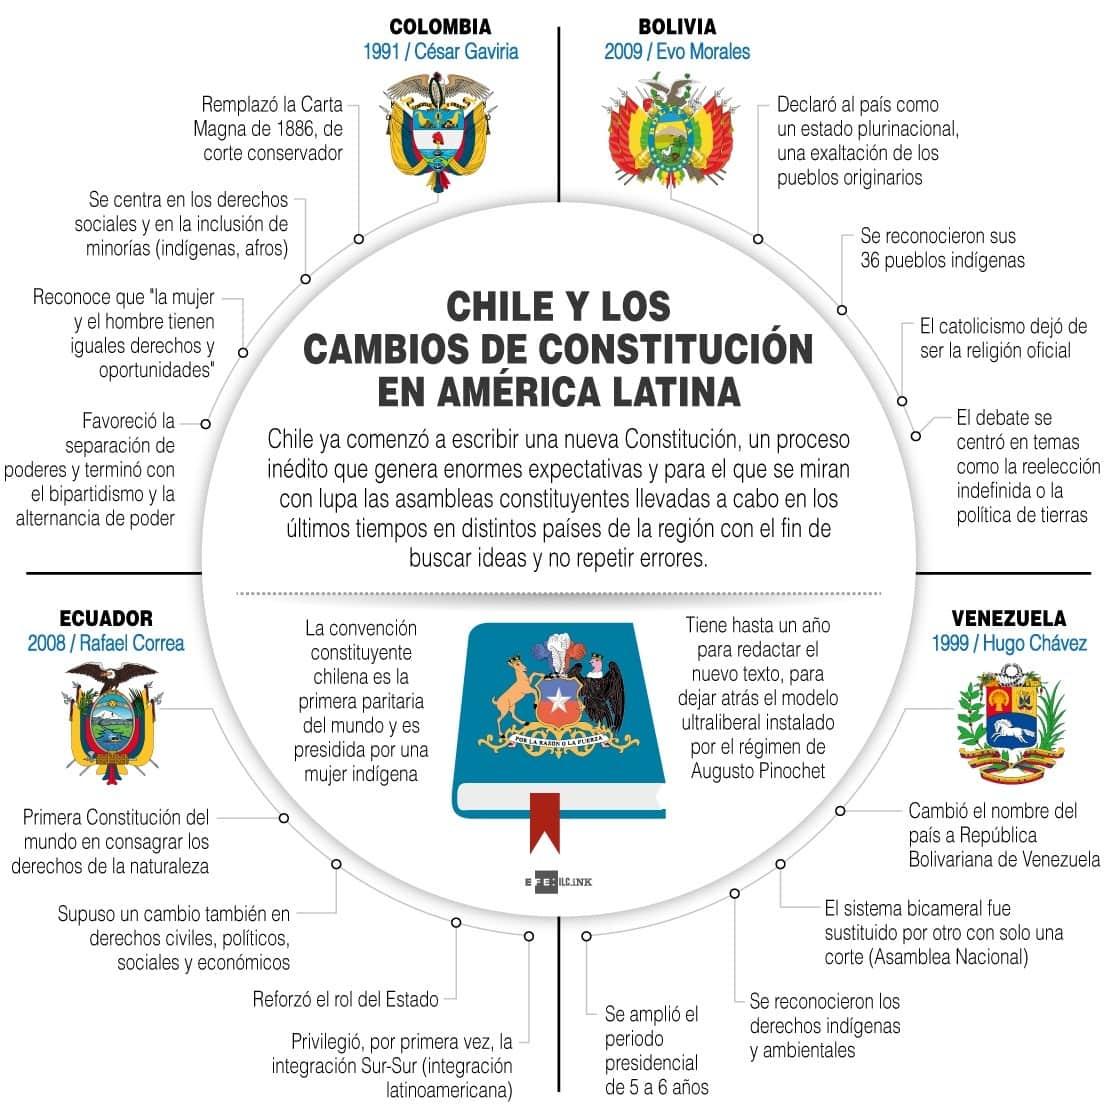 [Infografía] Chile y los cambios de constitución en América Latina 1